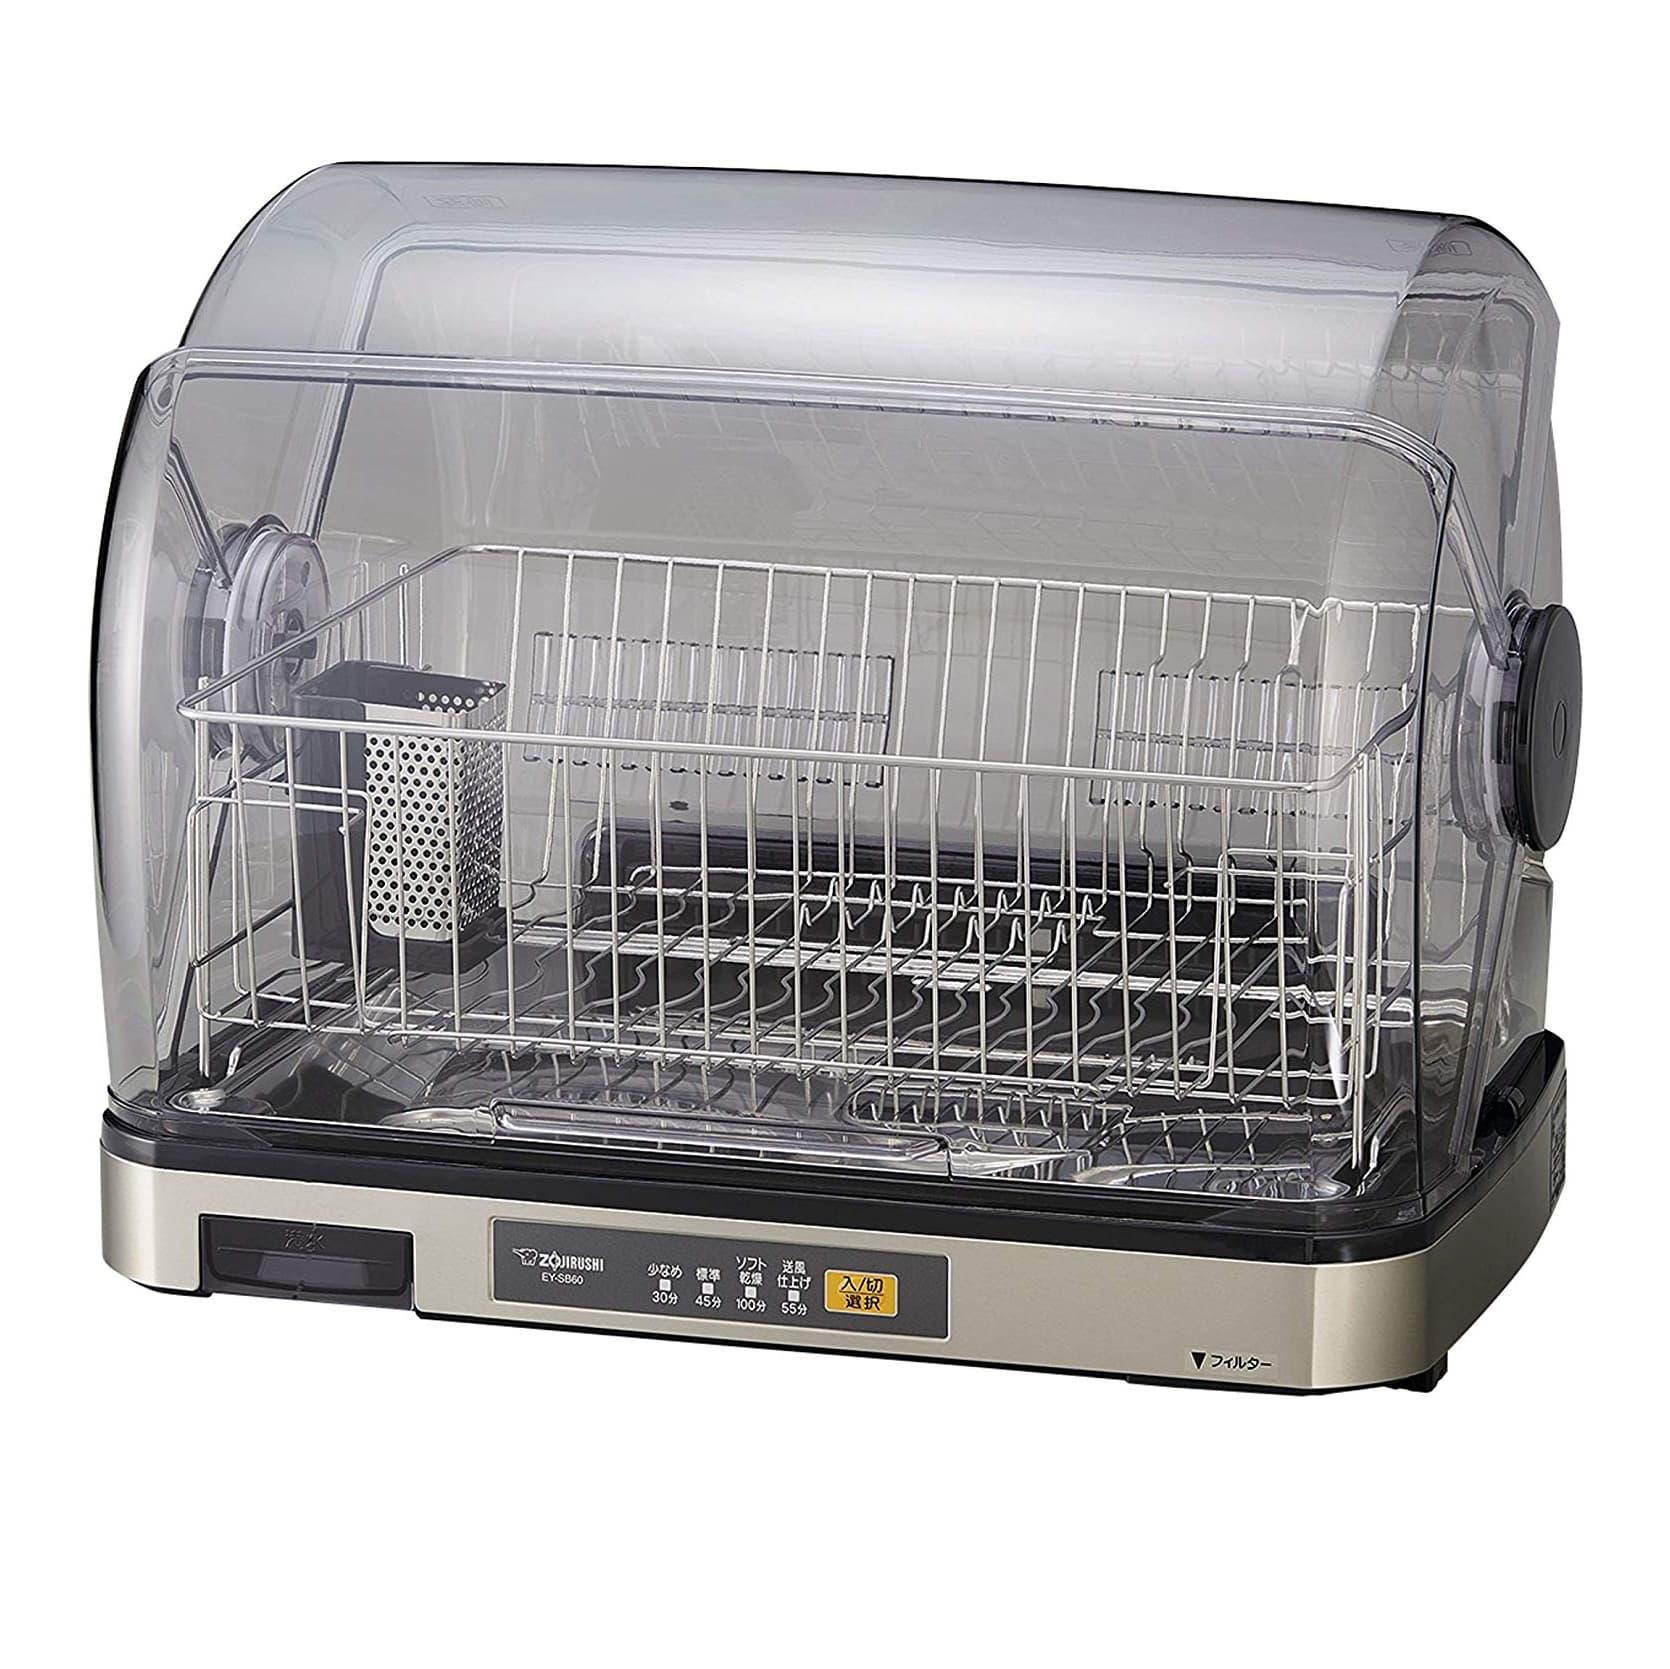 Zojirushi Dish Dryer